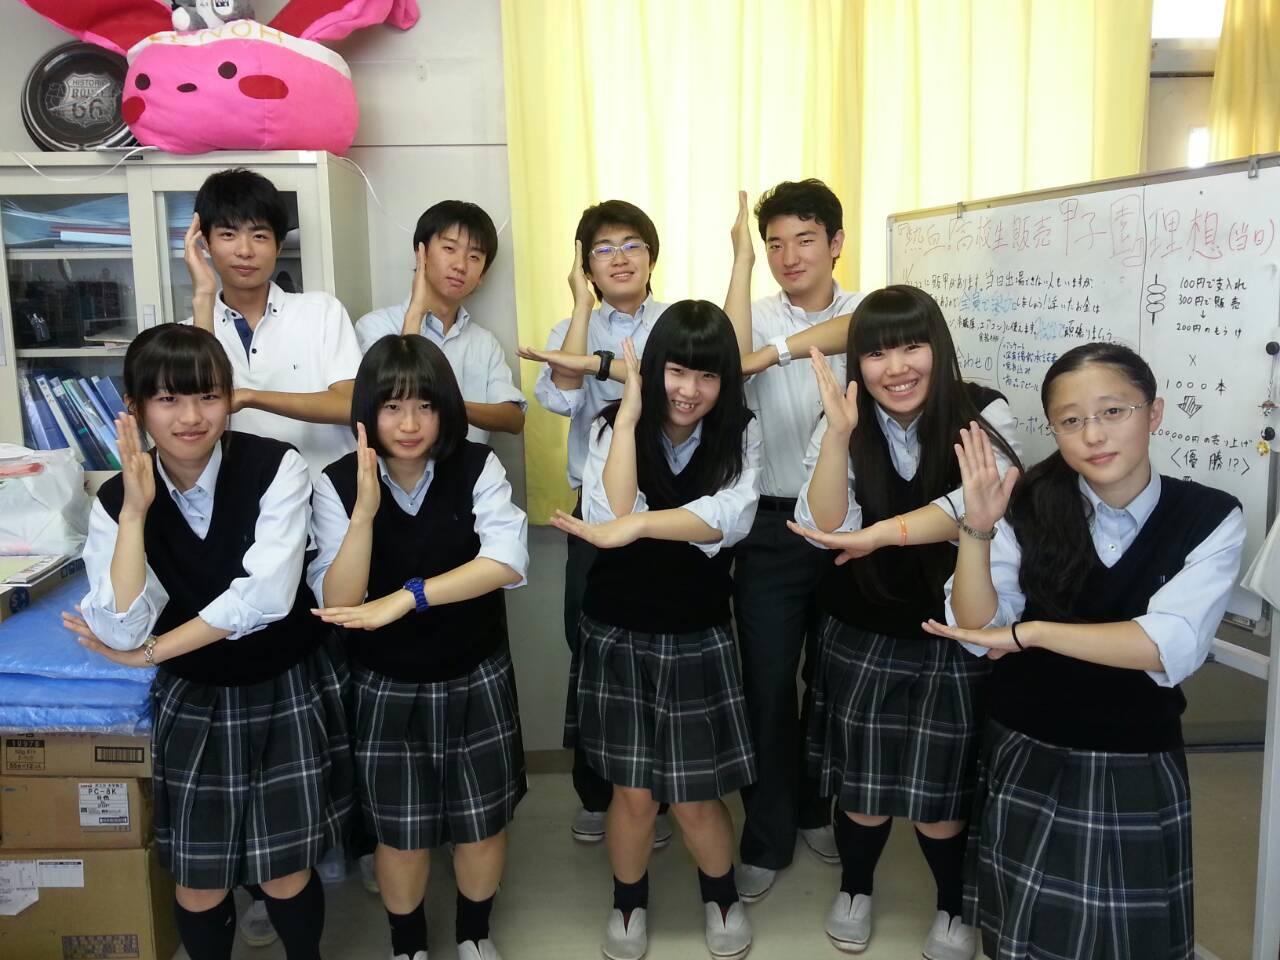 明和県央高等学校